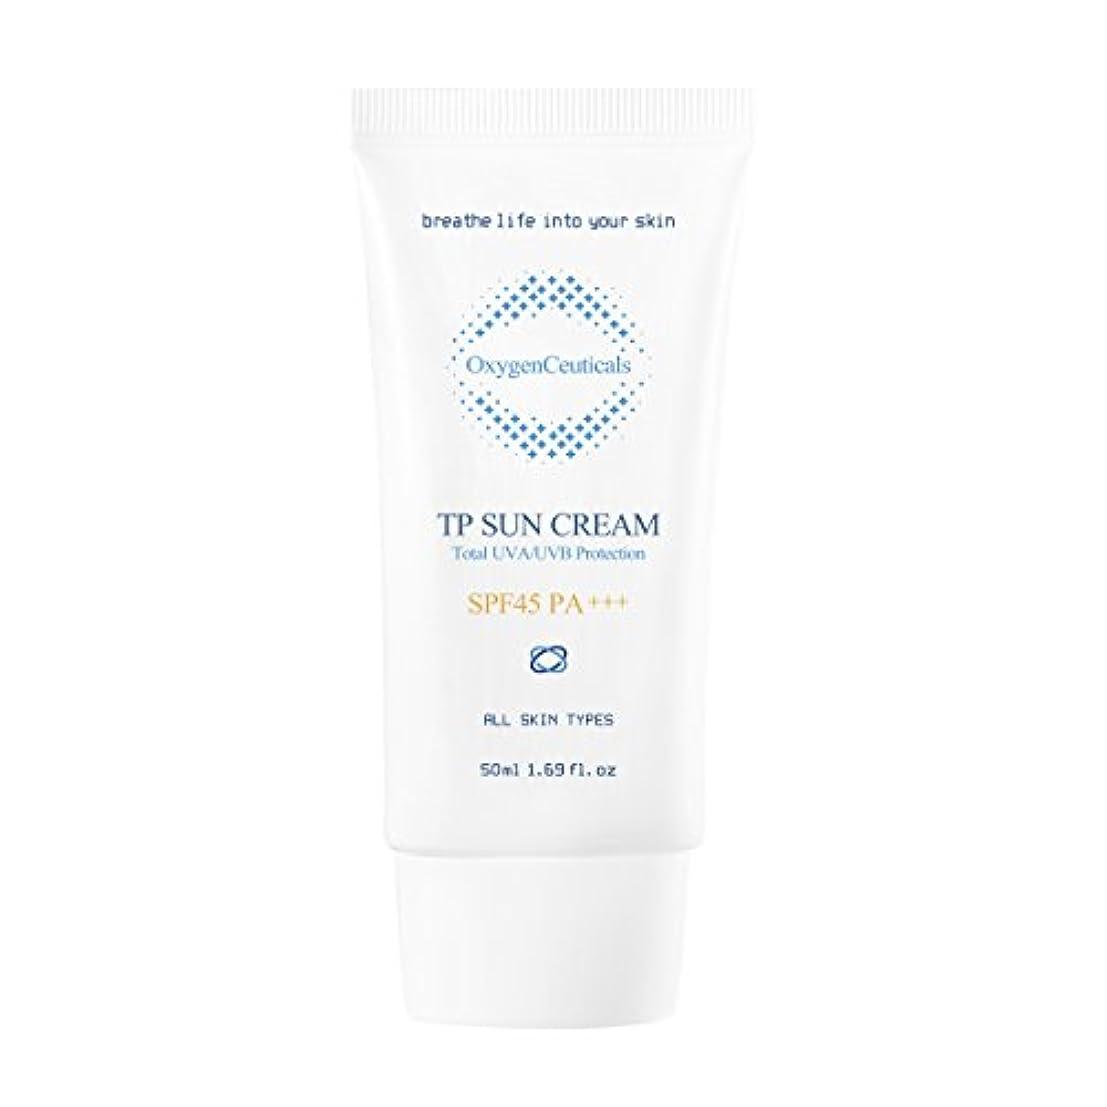 ドライブミケランジェロ指令オキシジェンシューティカルズ 酸素サンクリーム(保湿日焼け止め) 50ml. TP Sun Cream 50ml. [SPF45 PA+++] X Mask Pack 1p.